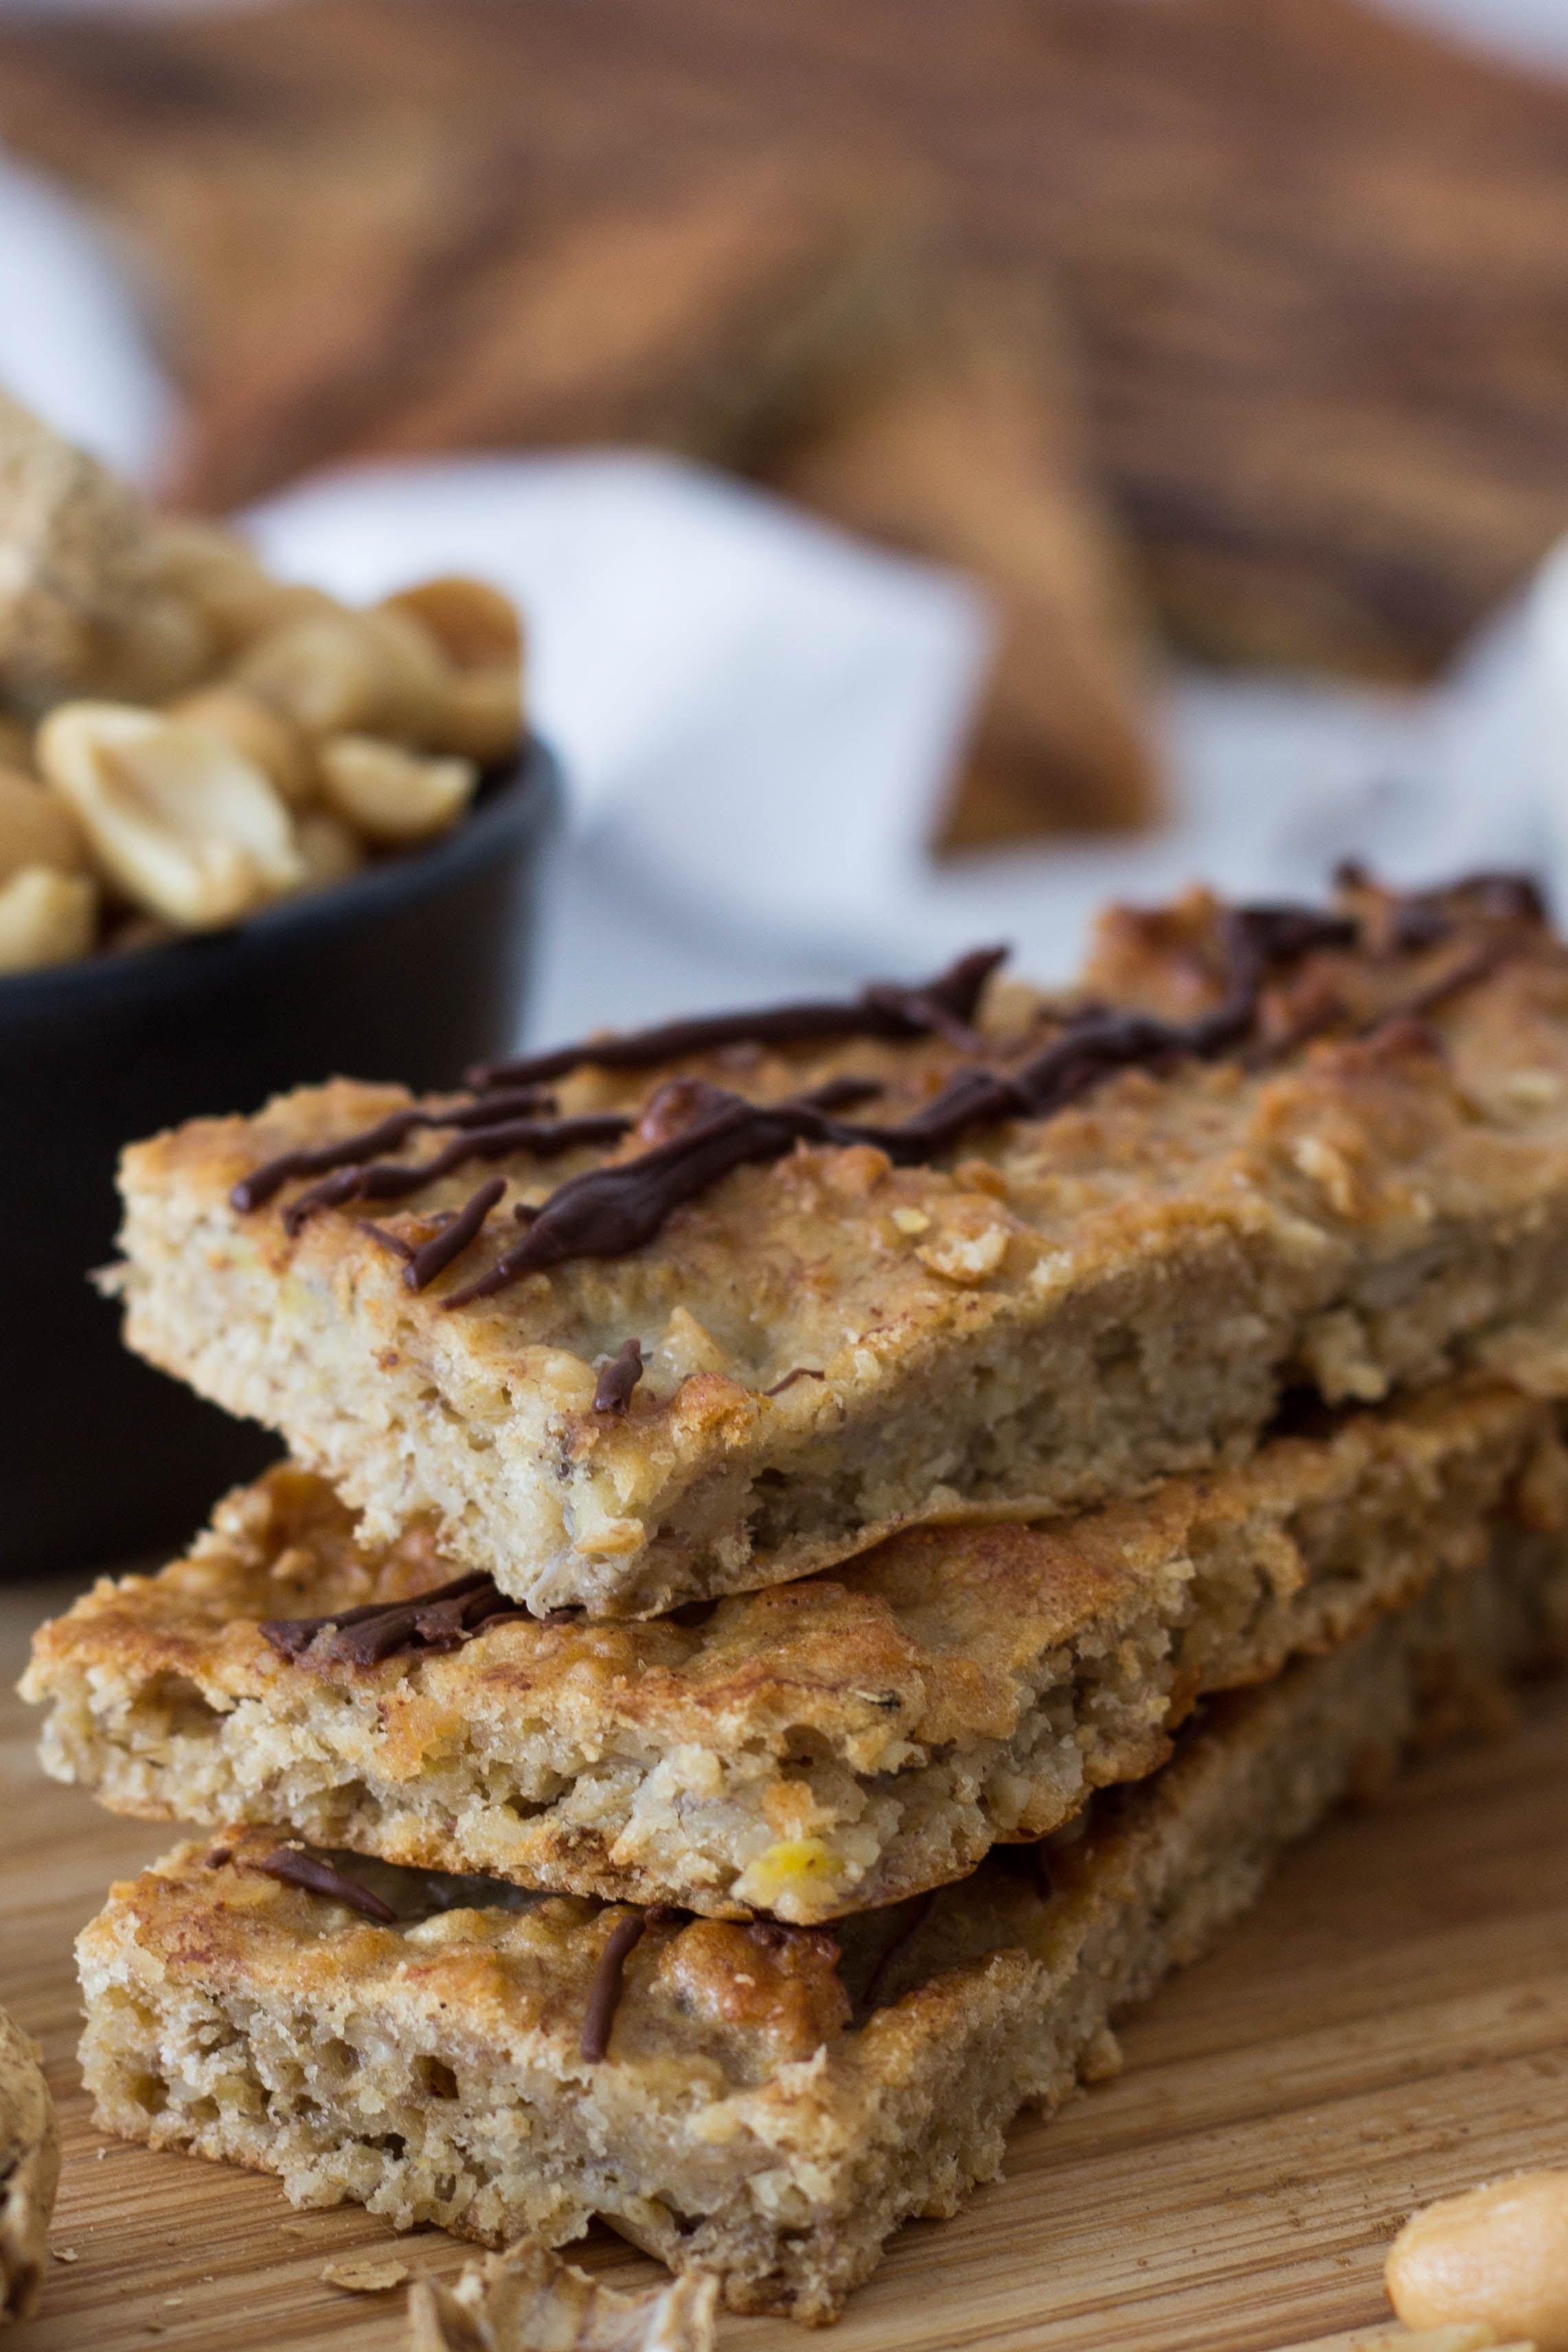 Bananen-Haferflocken Riegel mit Erdnussmus - gesunder Snack